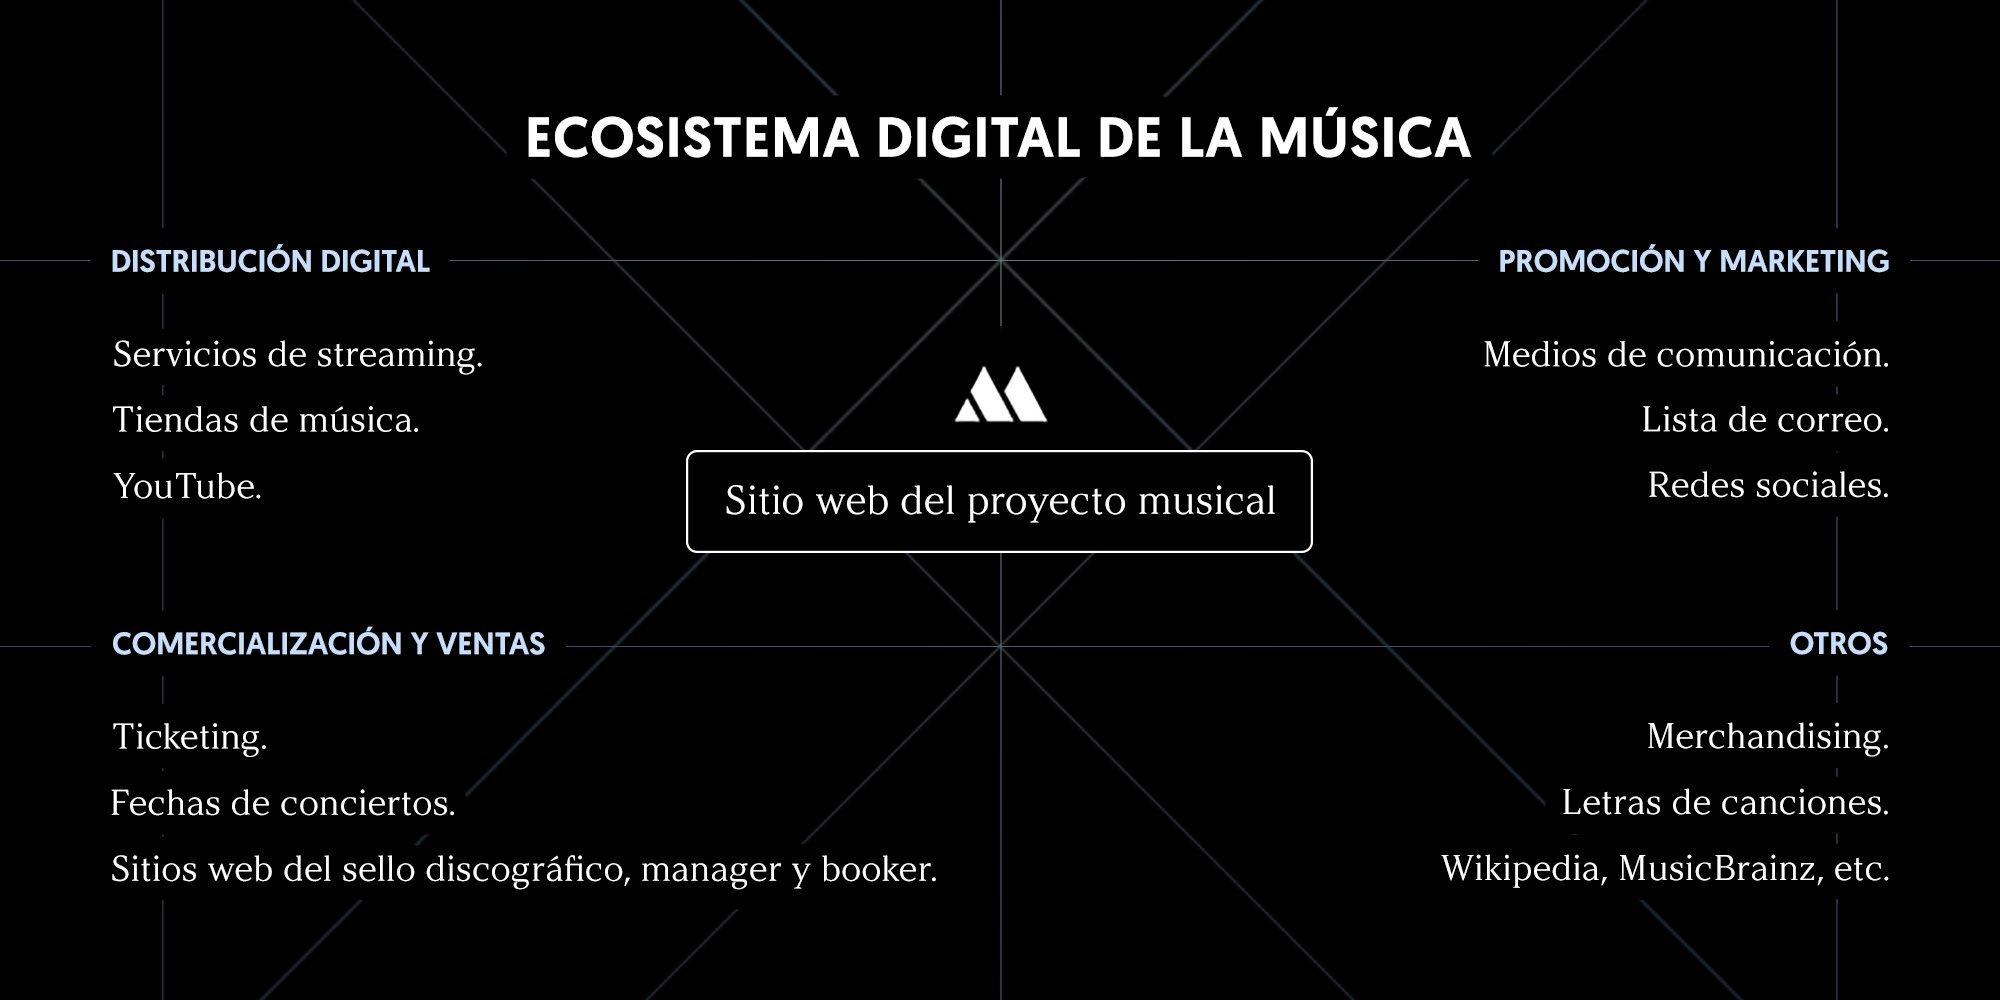 Ecosistema de la música digital